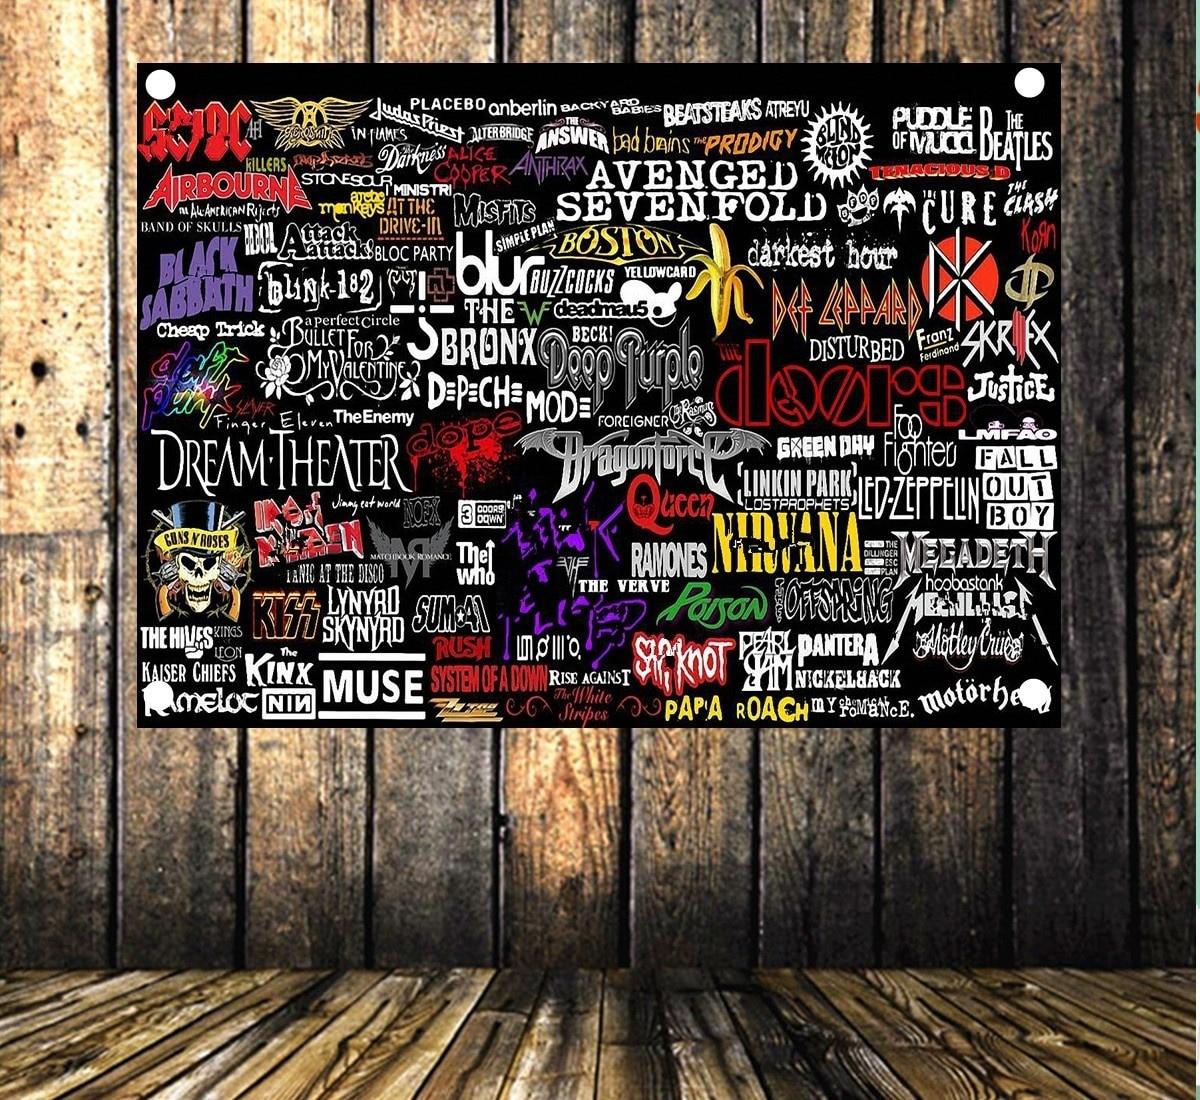 Rock and Roll Band LOGO Collection Heavy Metal musique affiche tissu drapeau et bannières 4 trous accrocher tissu barre café décor à la maison cadeau